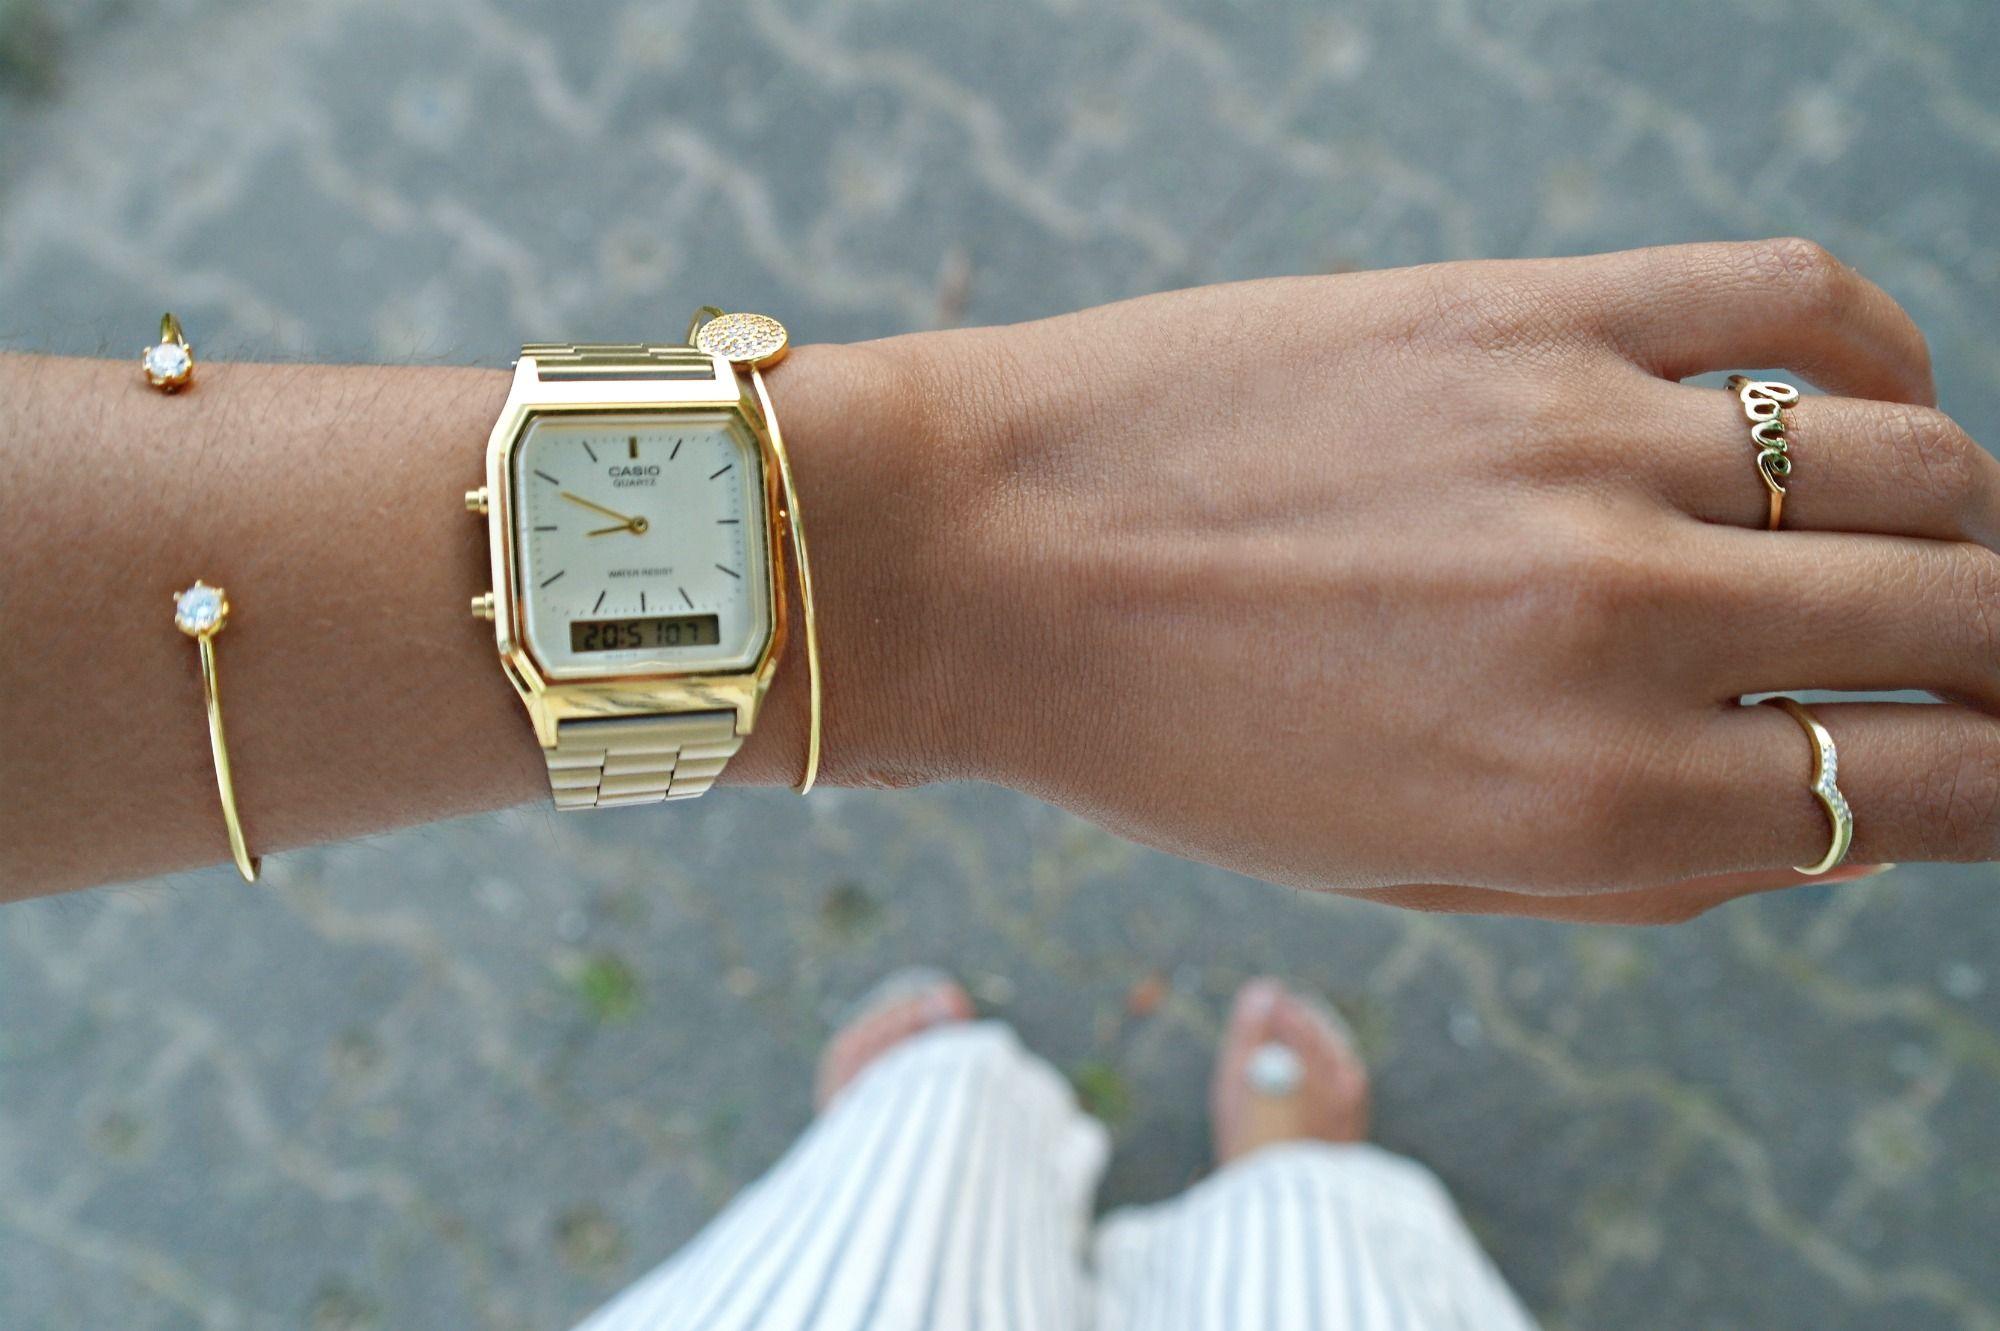 Casio Watch Vintage Relogio Casio Vintage Feminino Casio Vintage Feminino Relógios Fashion